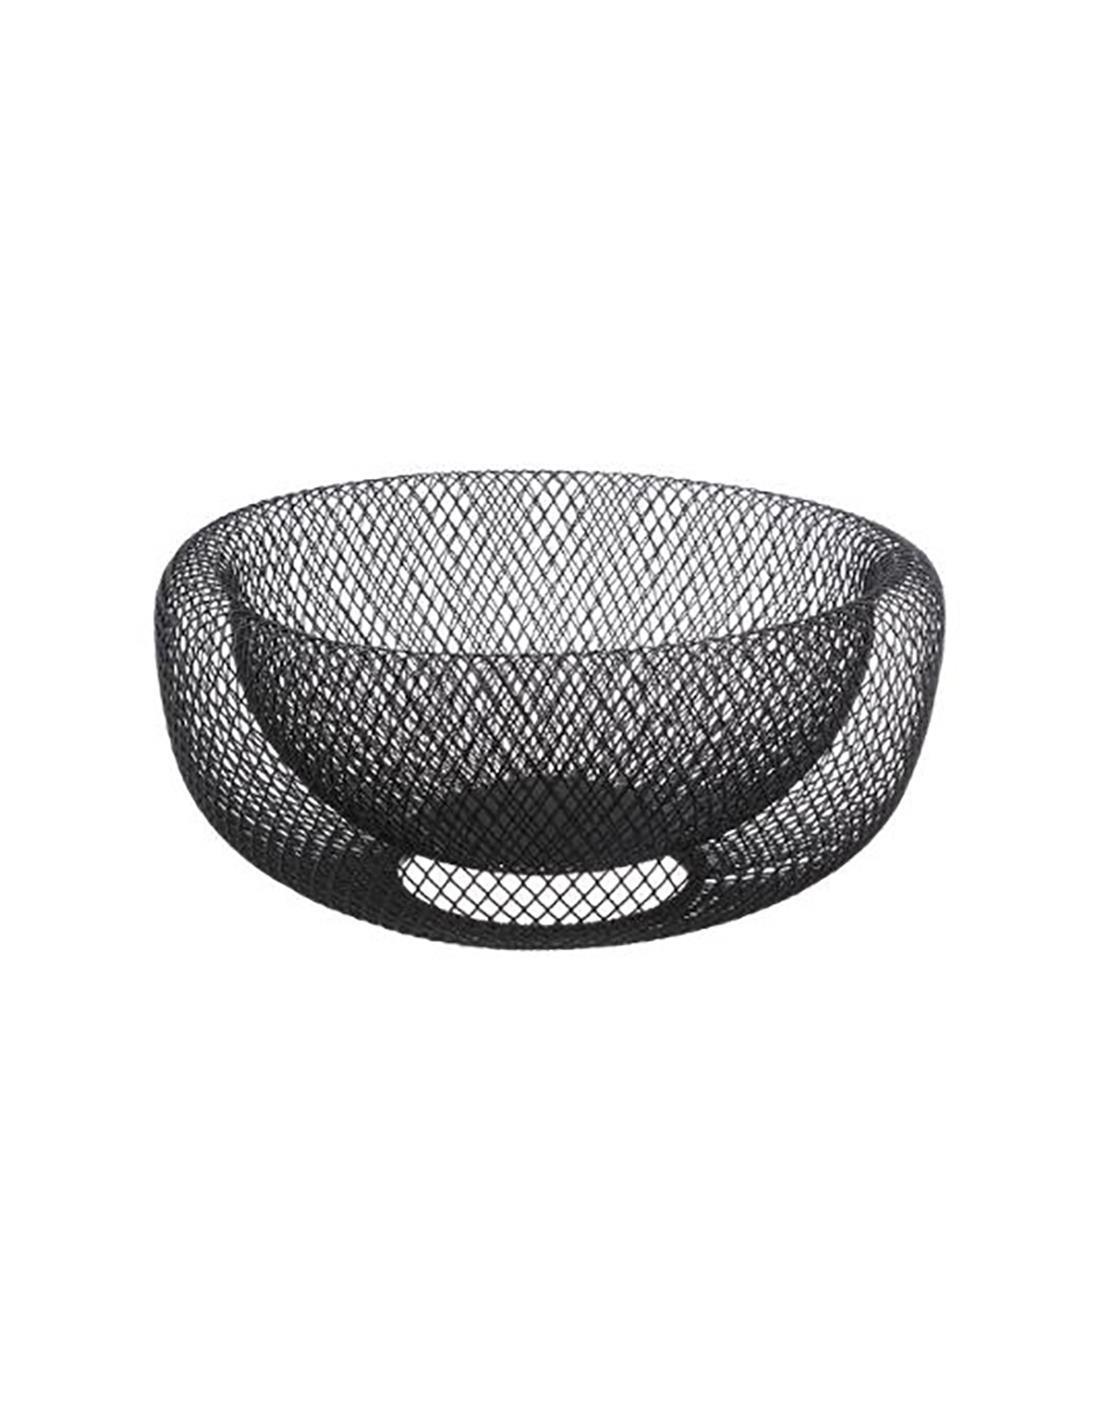 Φρουτιέρα mesh μεταλλική μαύρη Δ27×13.5cm